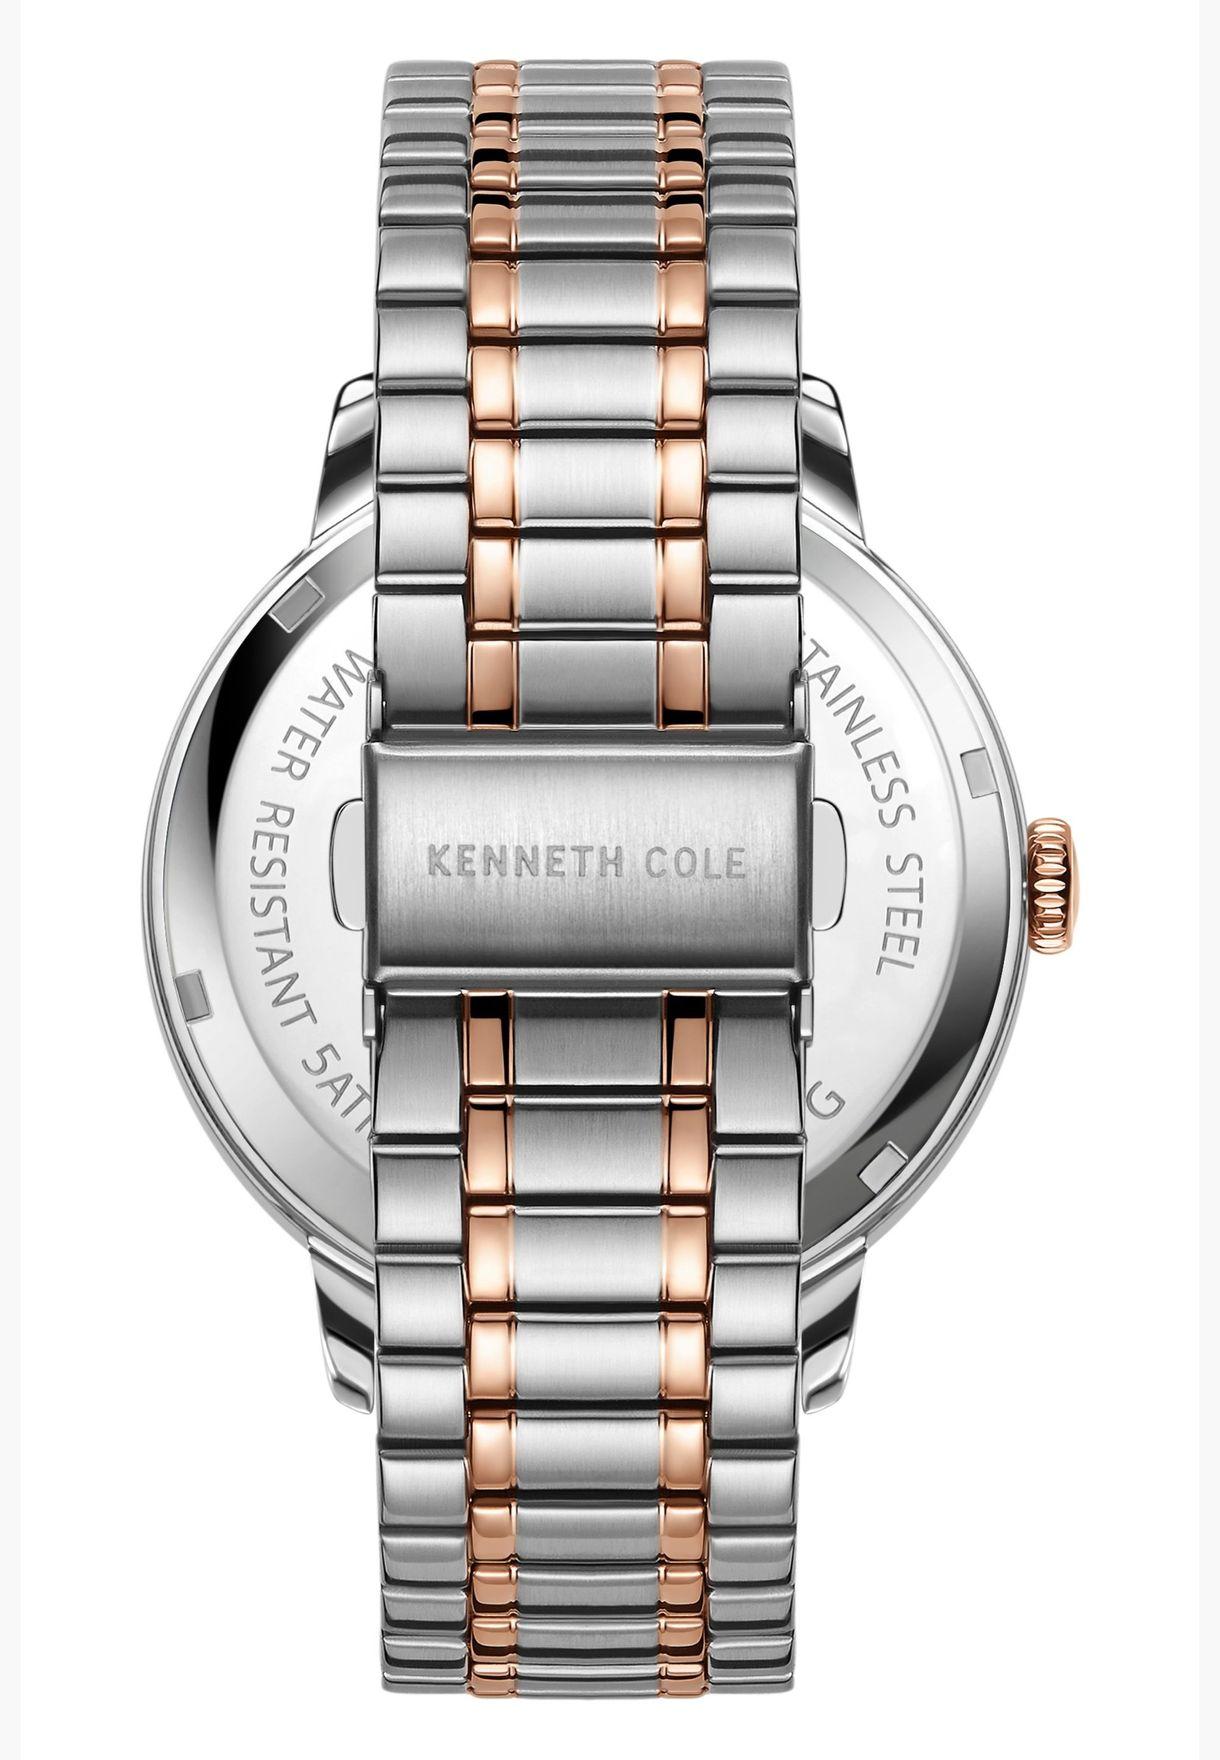 كينيث كول ساعة كلاسيك بسوار من الستانليس للرجال - KC51025002